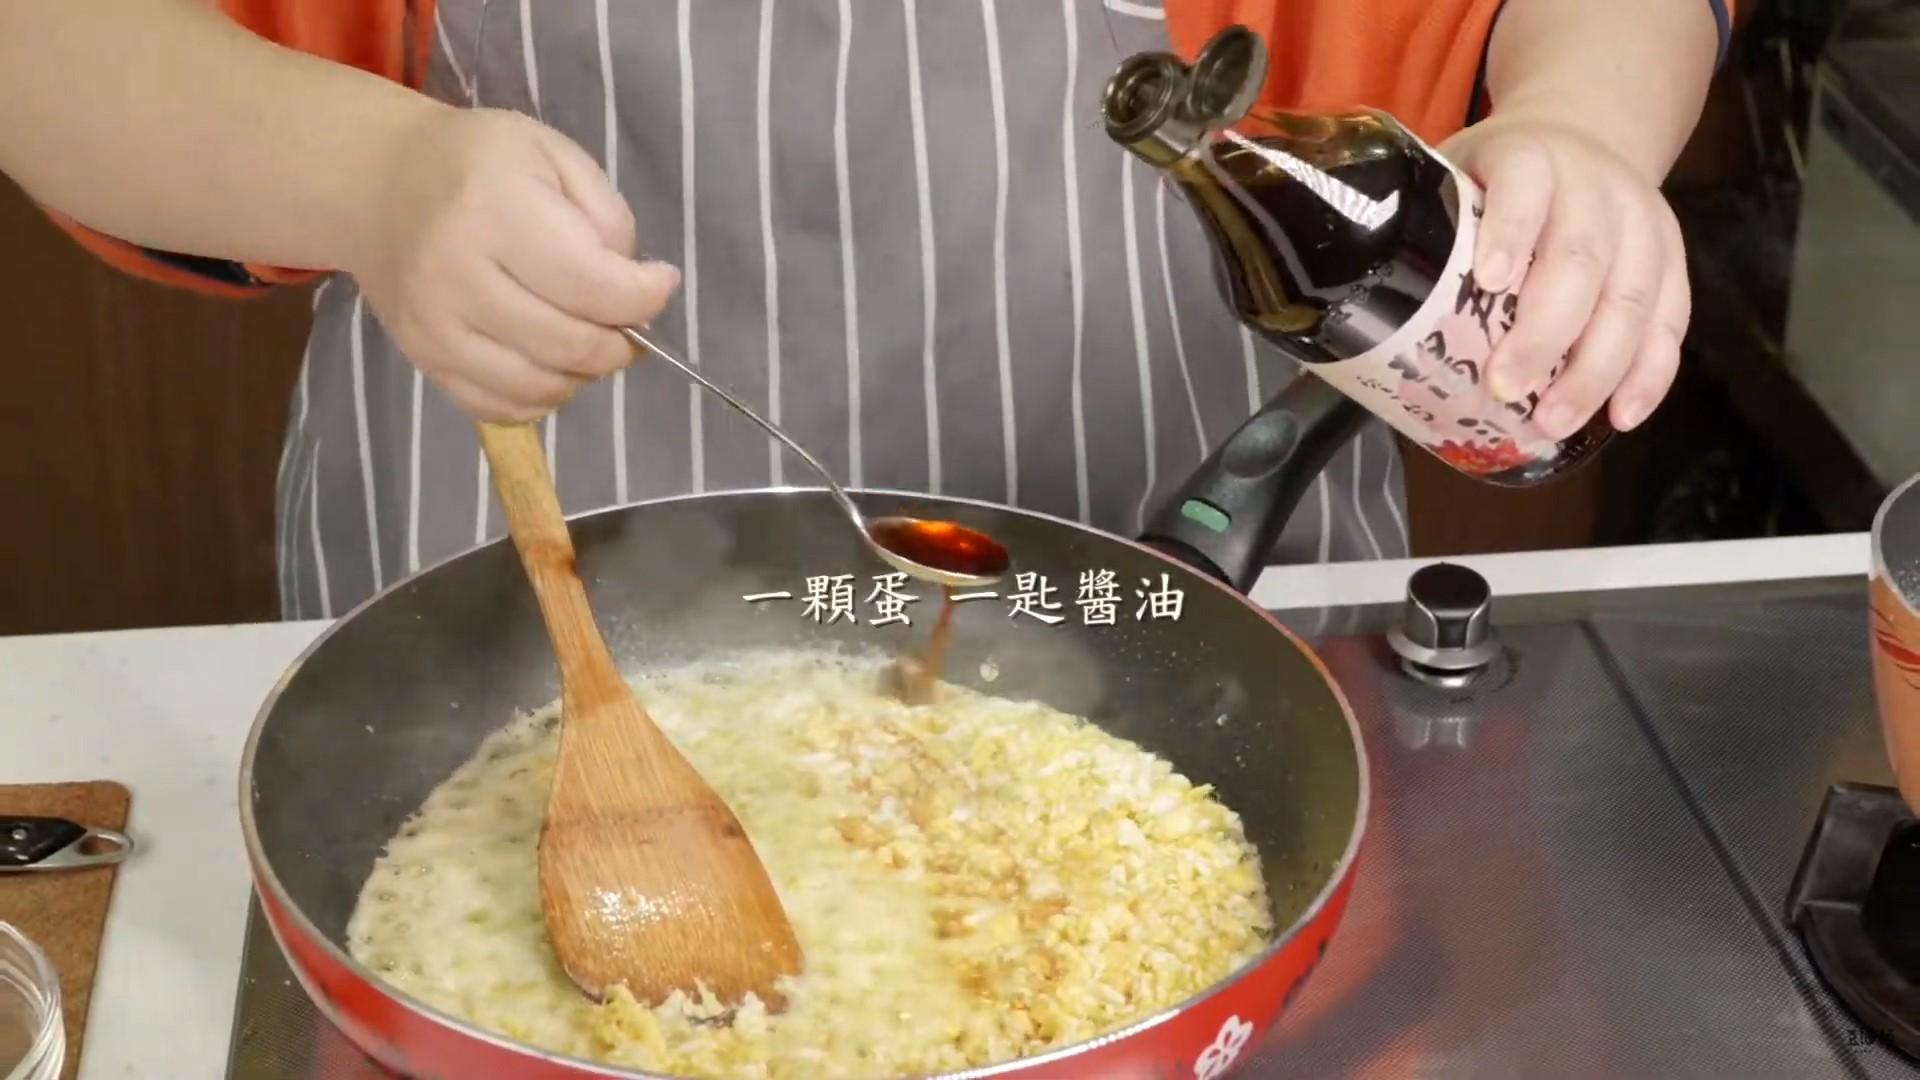 【豆油伯隨手廚房】宅料理之超下飯蛋酥